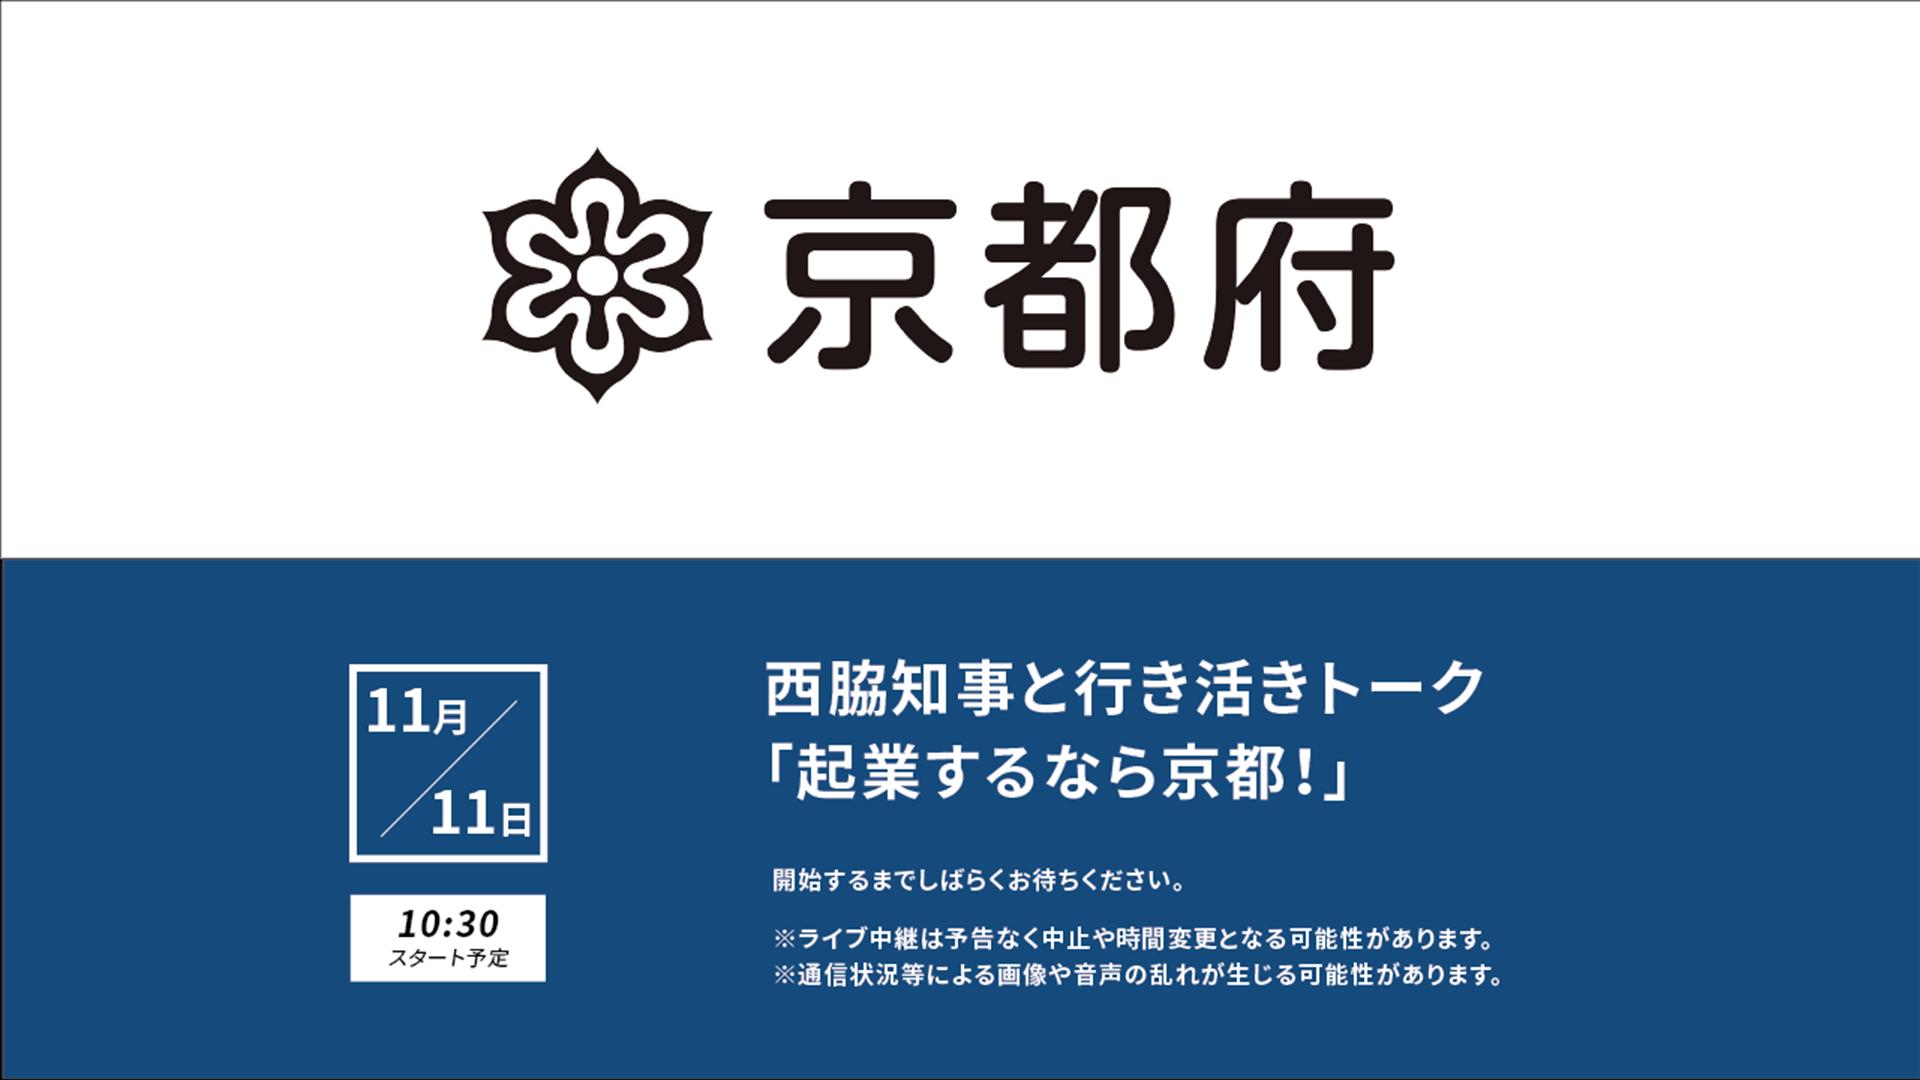 西脇知事と行き活きトーク「起業するなら京都!」